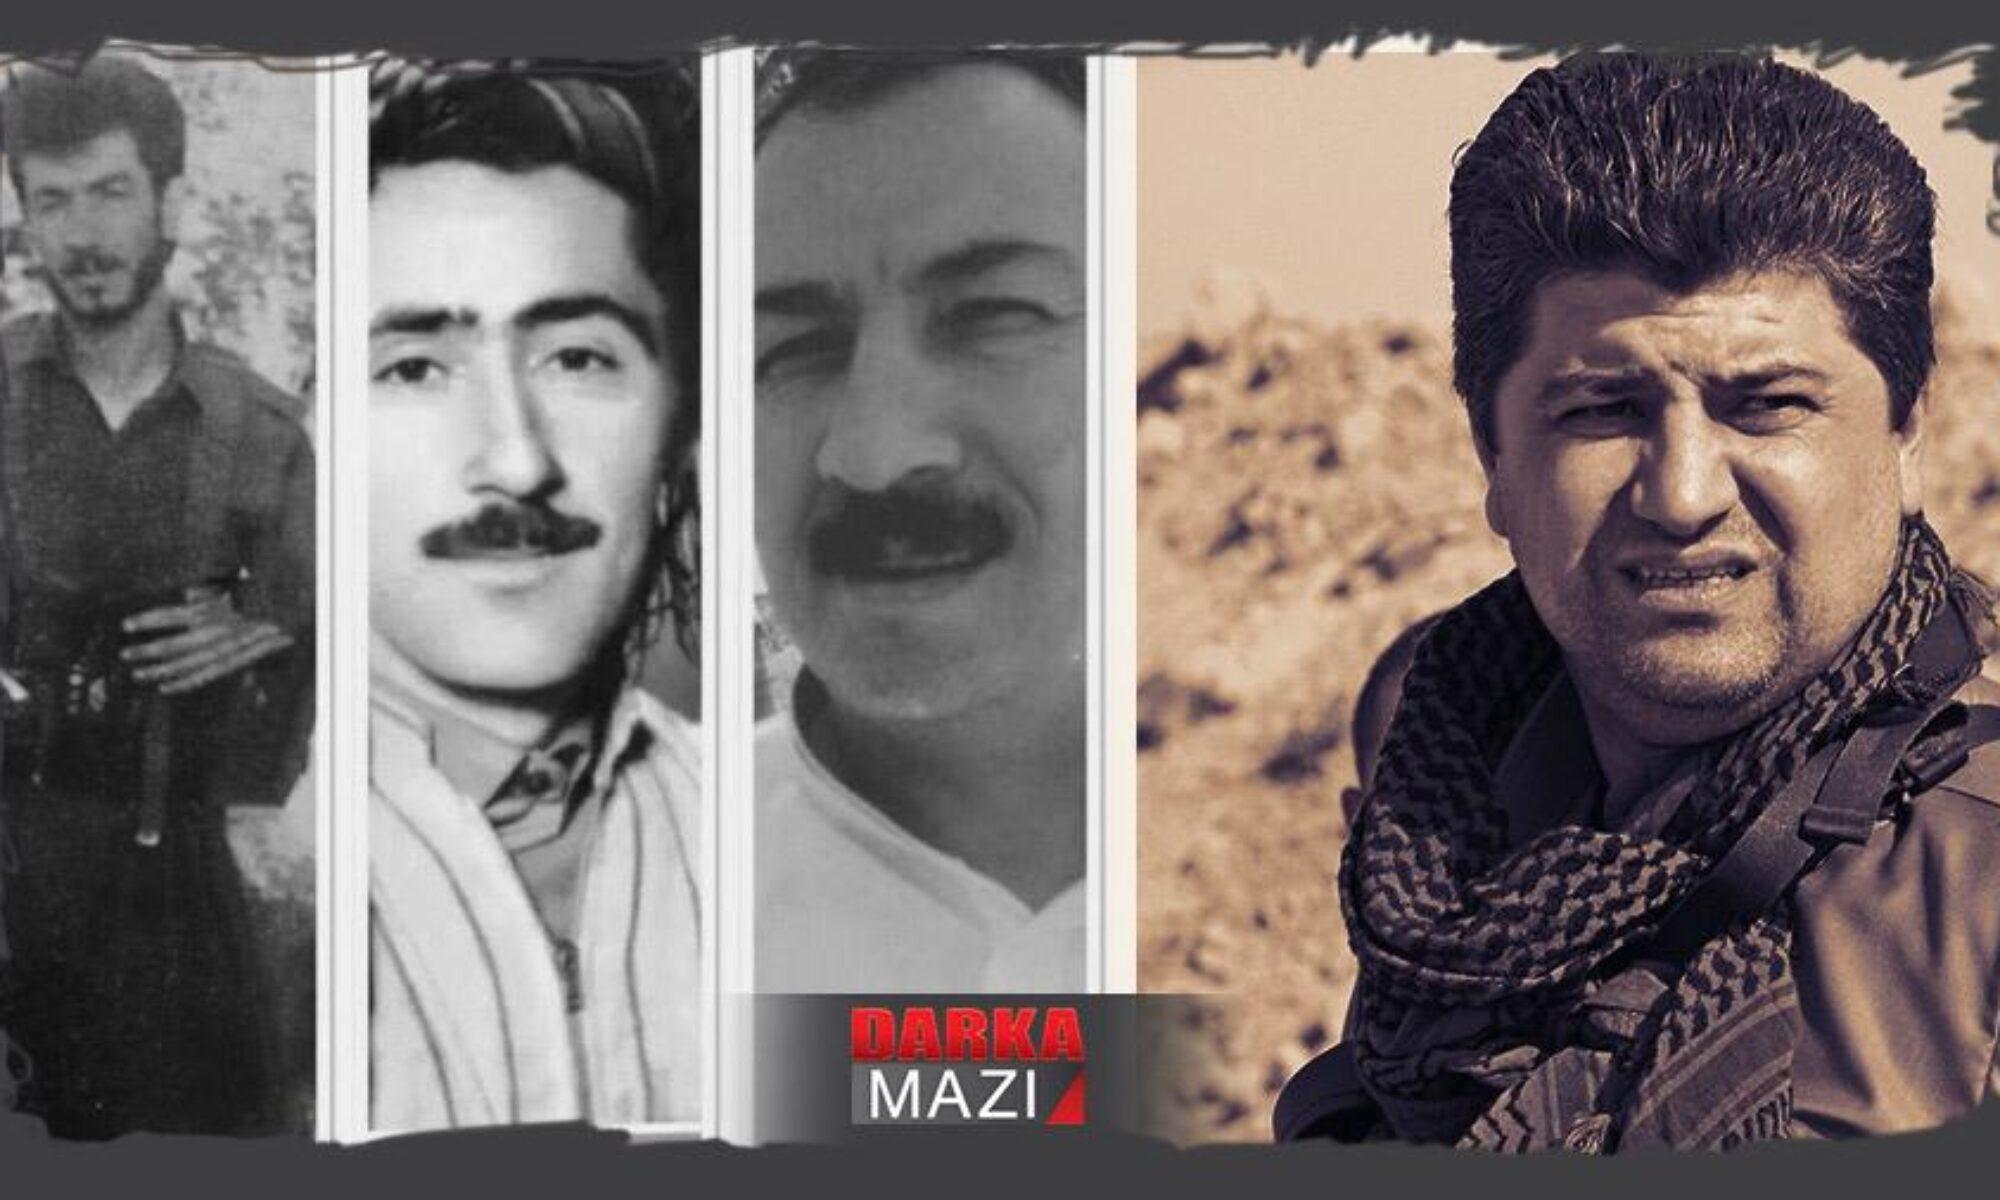 Mustafa Selimi'nin Lahor Cengi'ye bağlı güçler tarafından İran'a teslim edilişinin üzerinden bir yıl geçti Ali Ciwanmerdi, Hengaw, Saqiz, YNK, Zanyari, Asayiş, Aras Cengi, İdam,